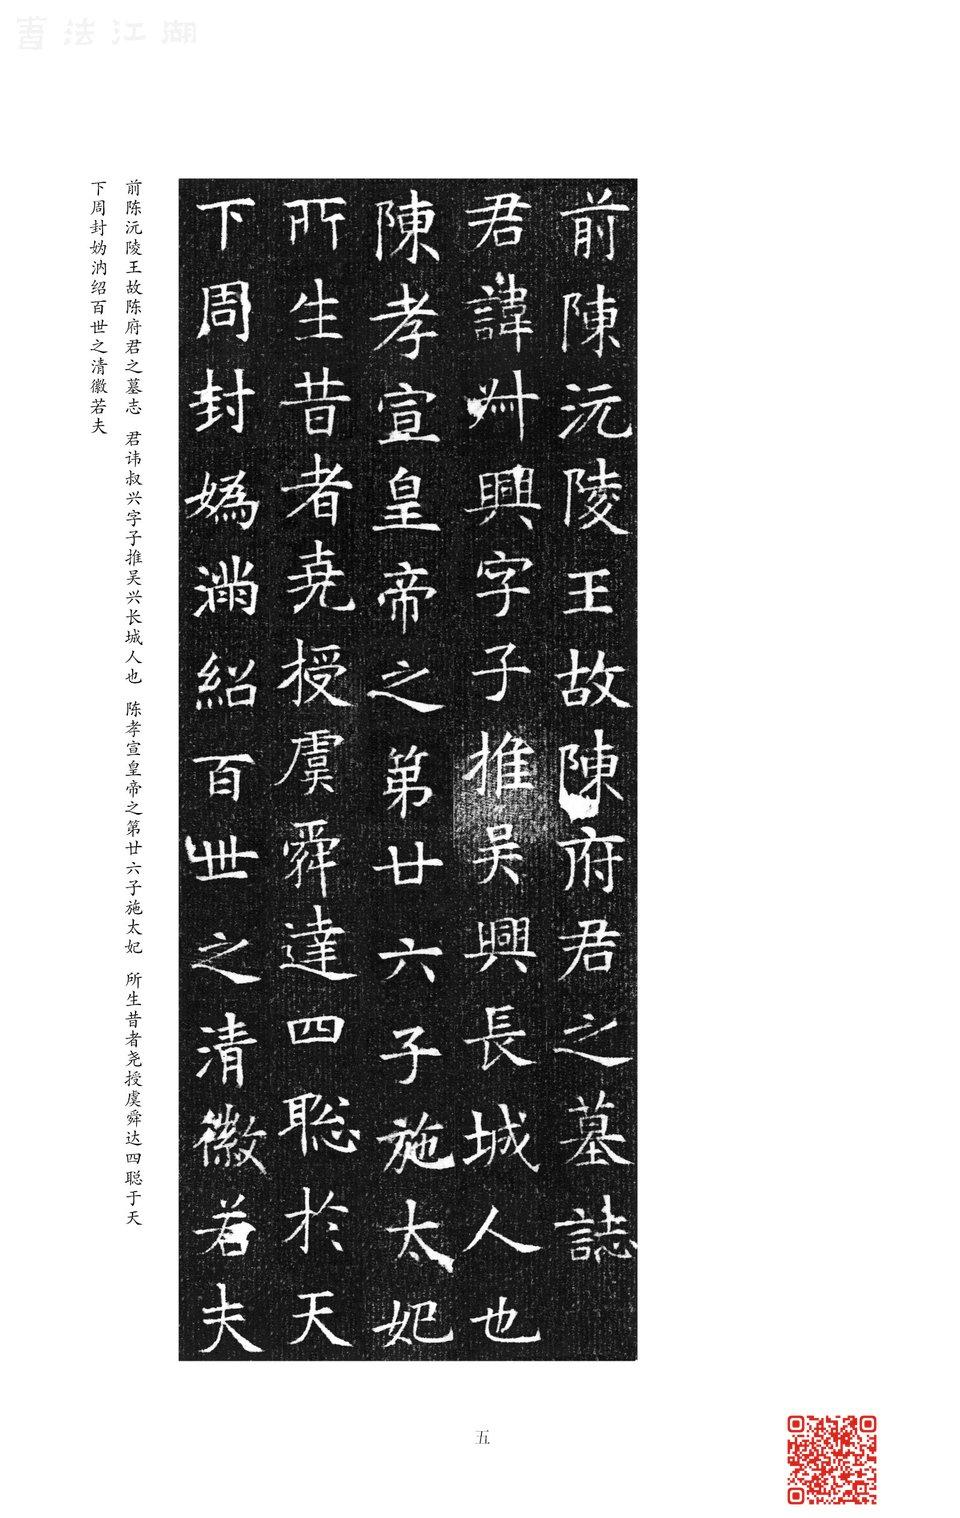 6-隋楷2-内页9.jpg